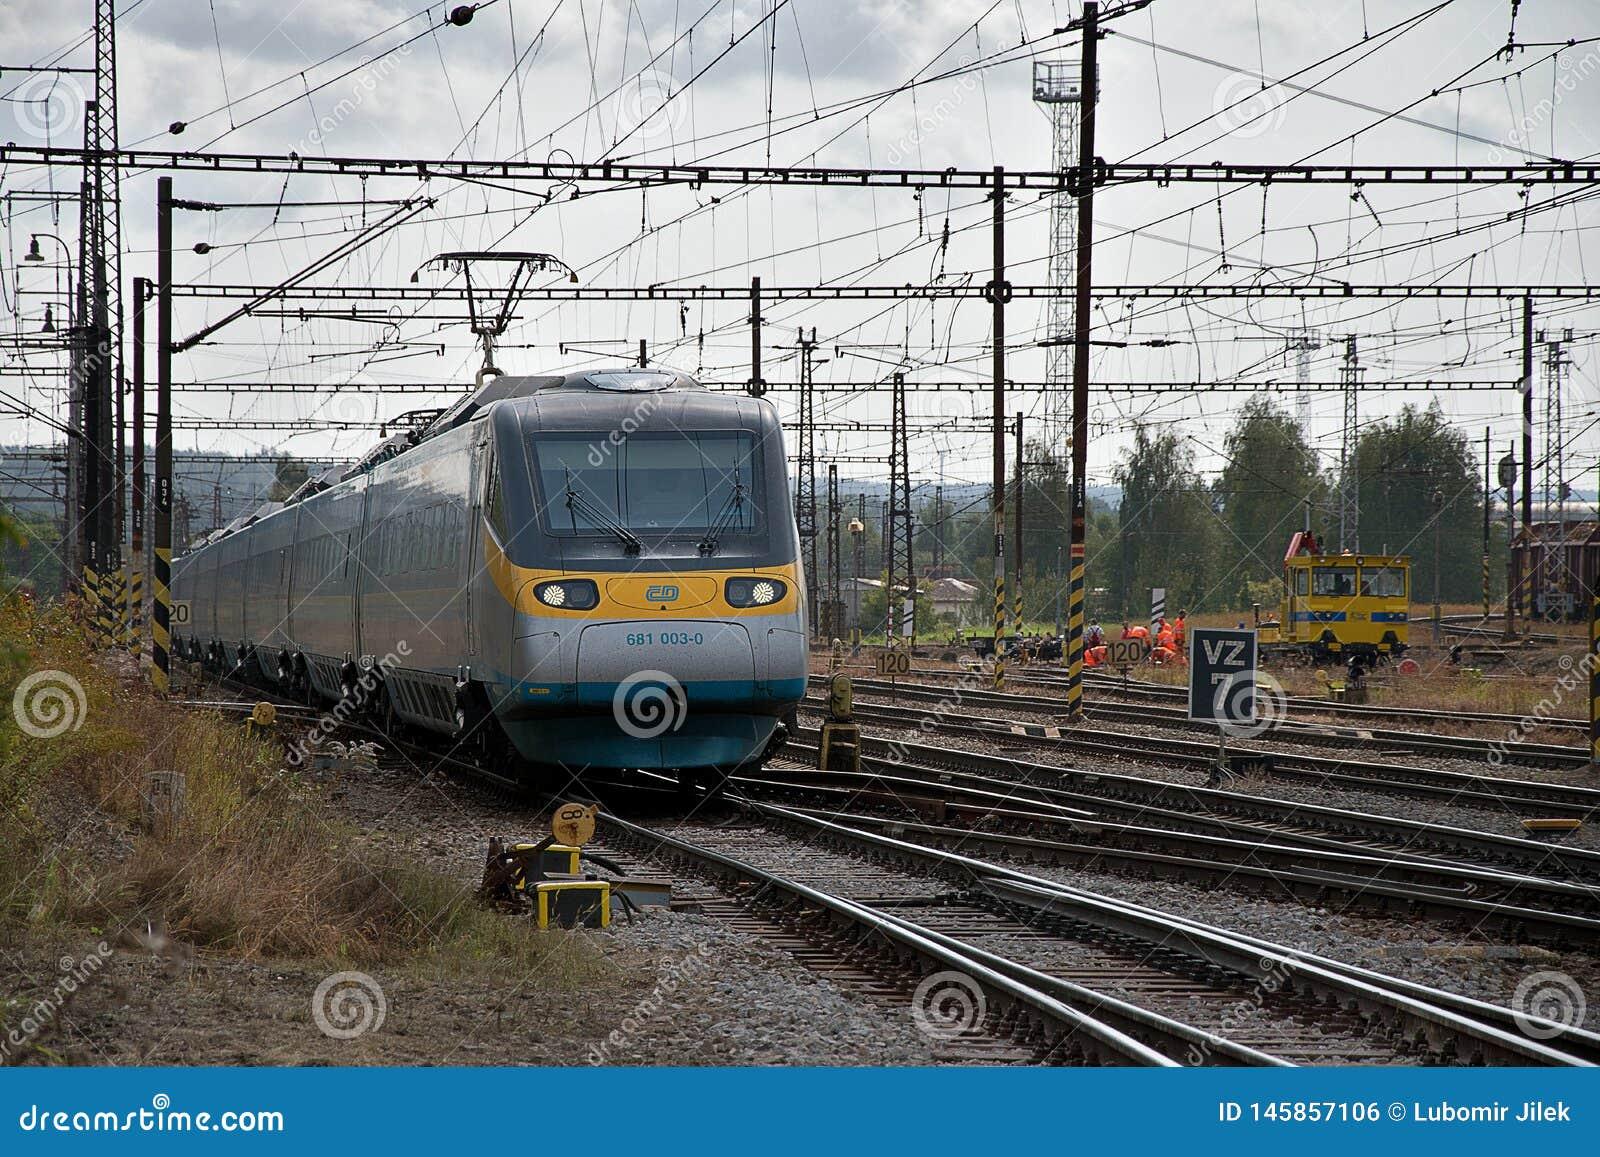 Ceska Trebova, R?publique Tch?que, 8 9 2017 : Le train de voyageurs Jonction ferroviaire et gare ferroviaire Ceska Trebova, chemi